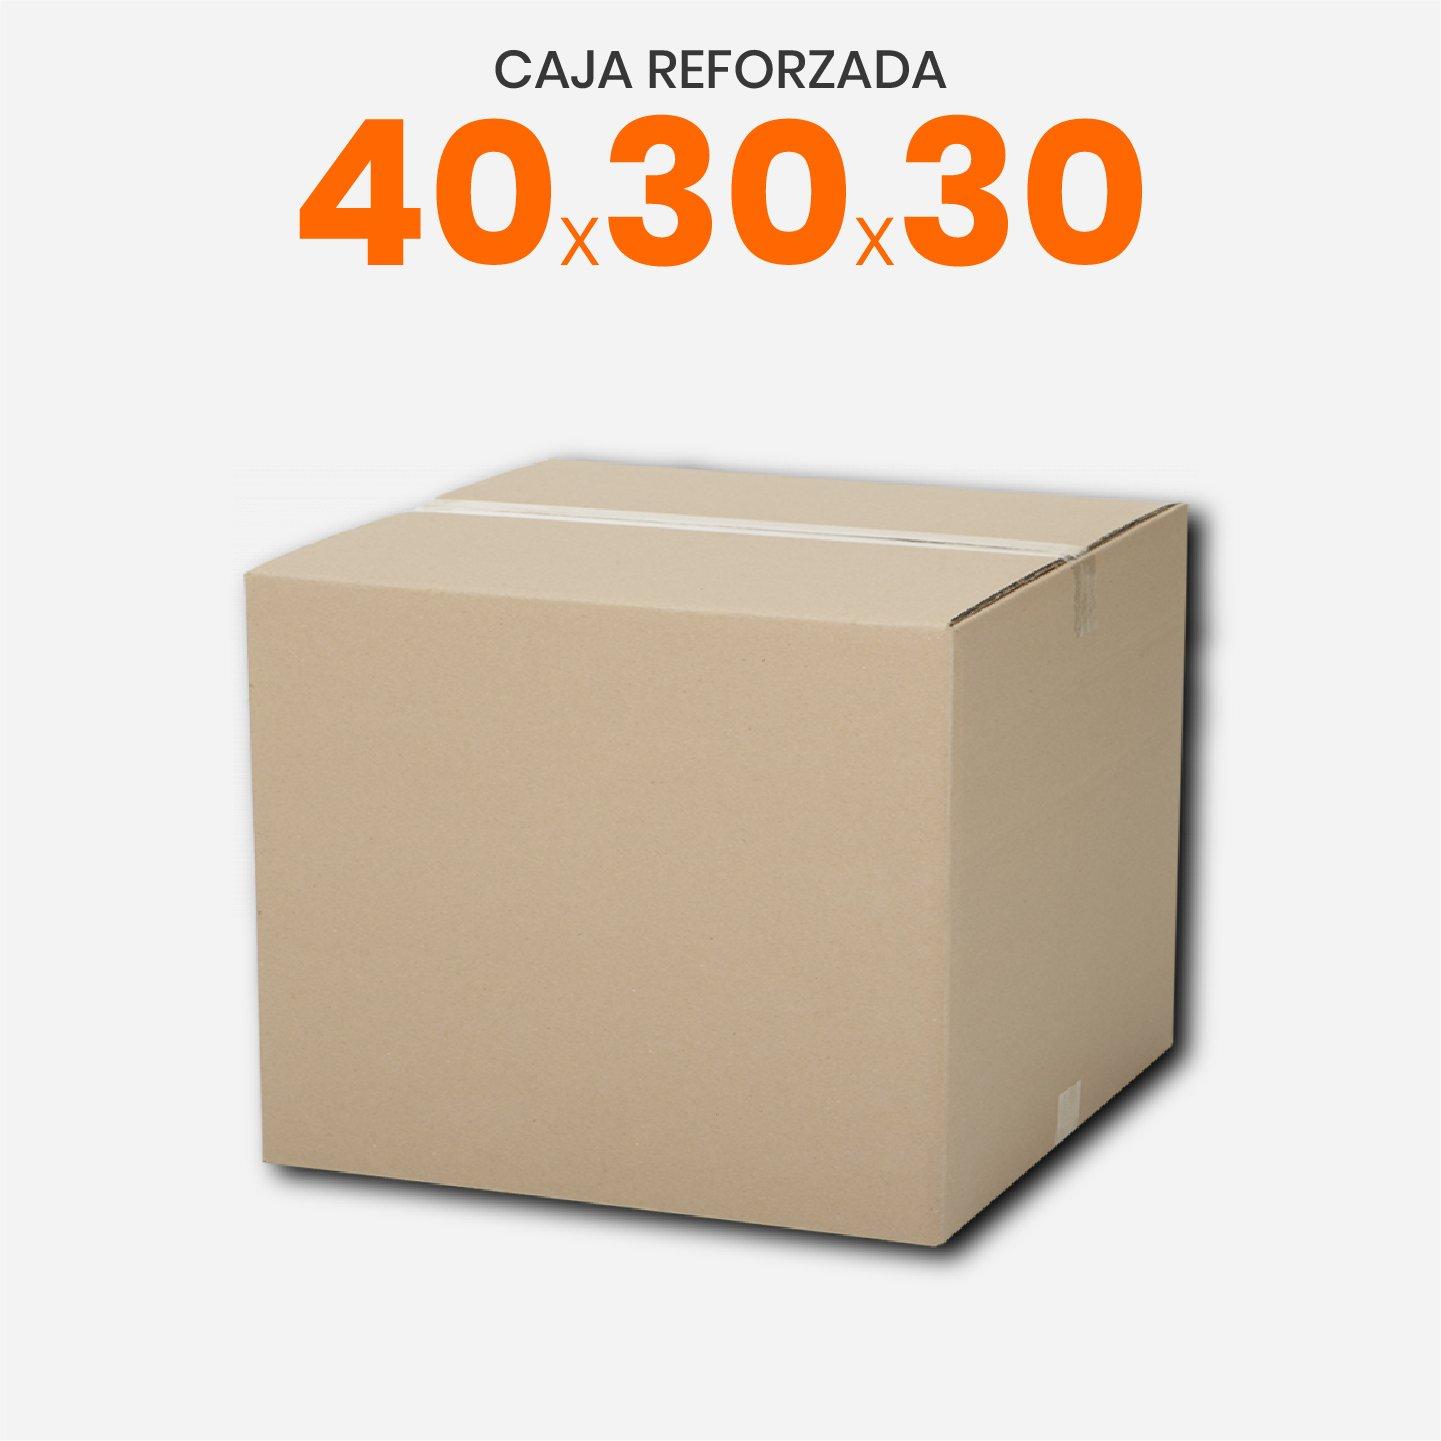 Caja De Cartón Corrugado Reforzada 40x30x30